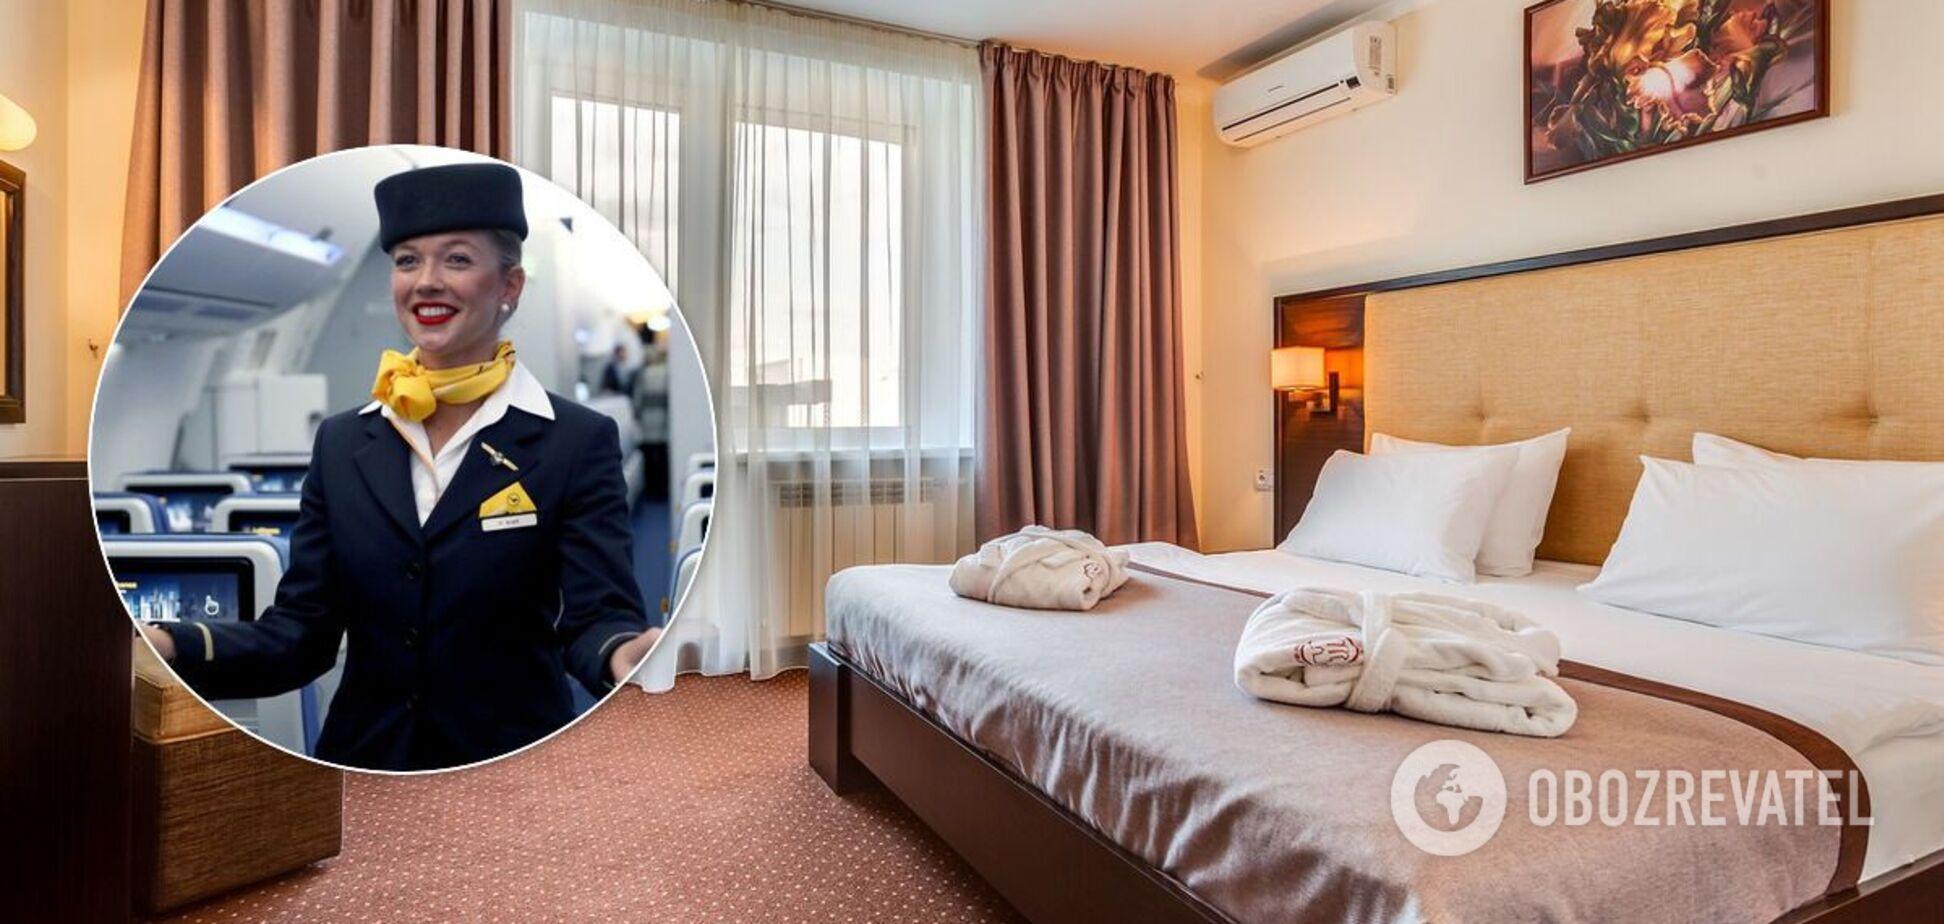 Стюардесса рассказала лайфхаки о заселении в отель и подверглась критике